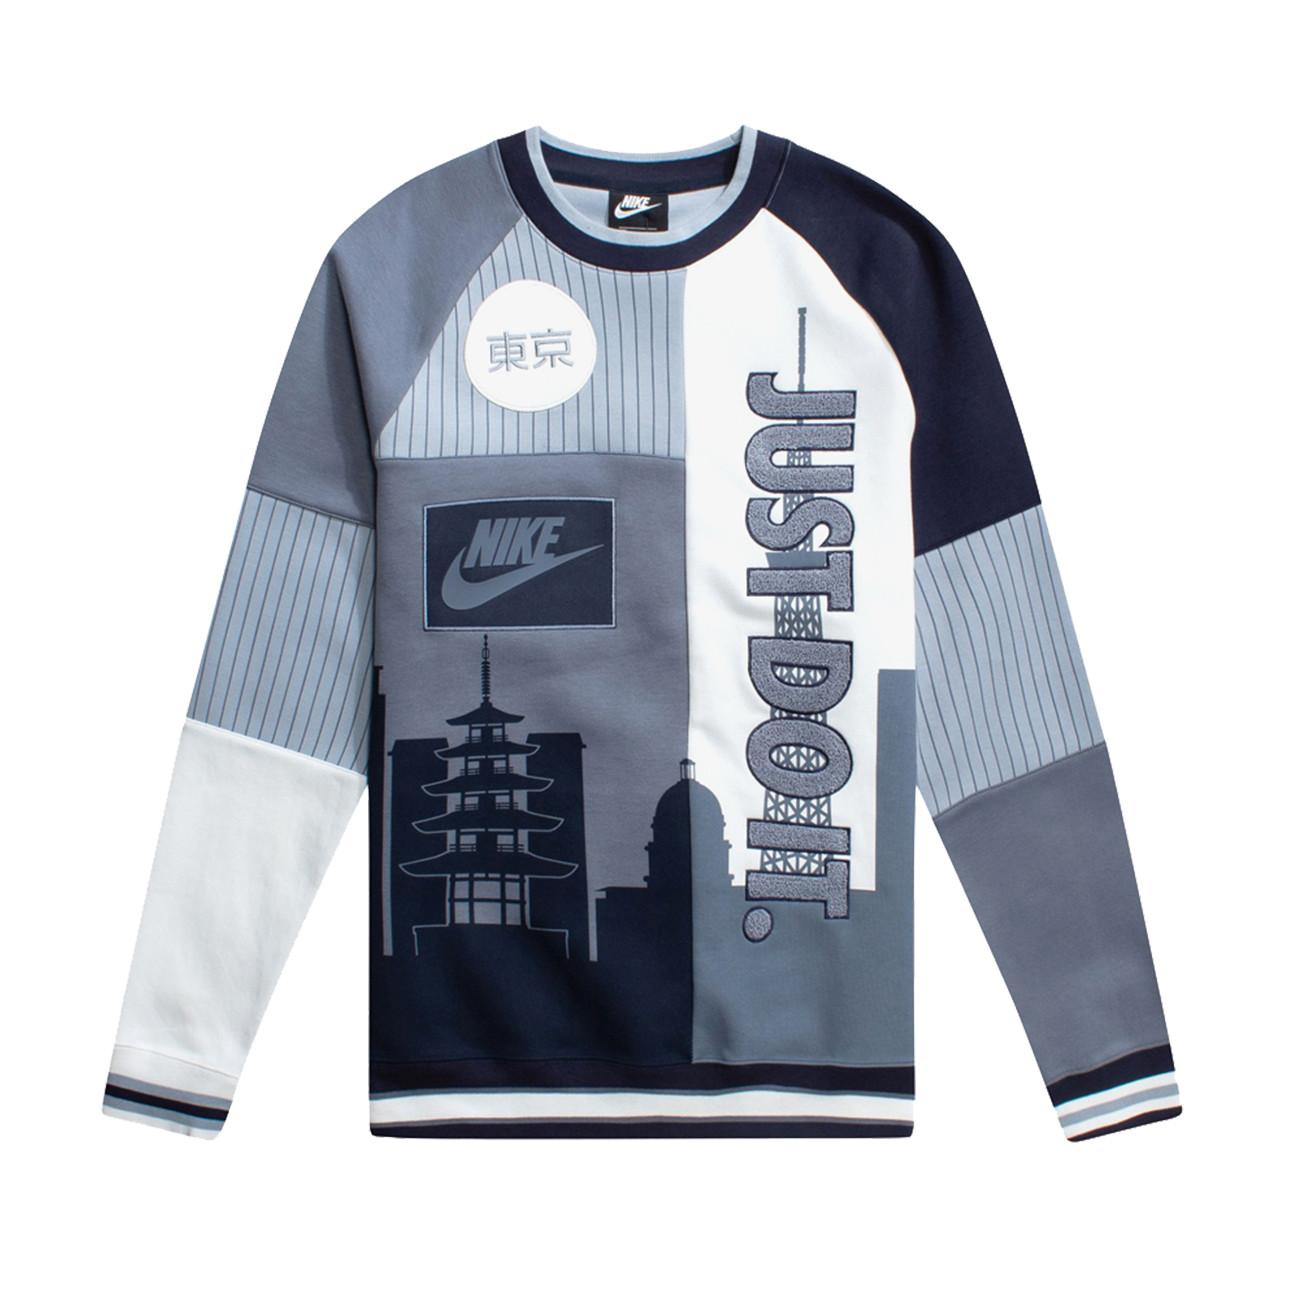 Tokyo Nike 7gybf6 Nsw Sweatshirt Crew xedCoB